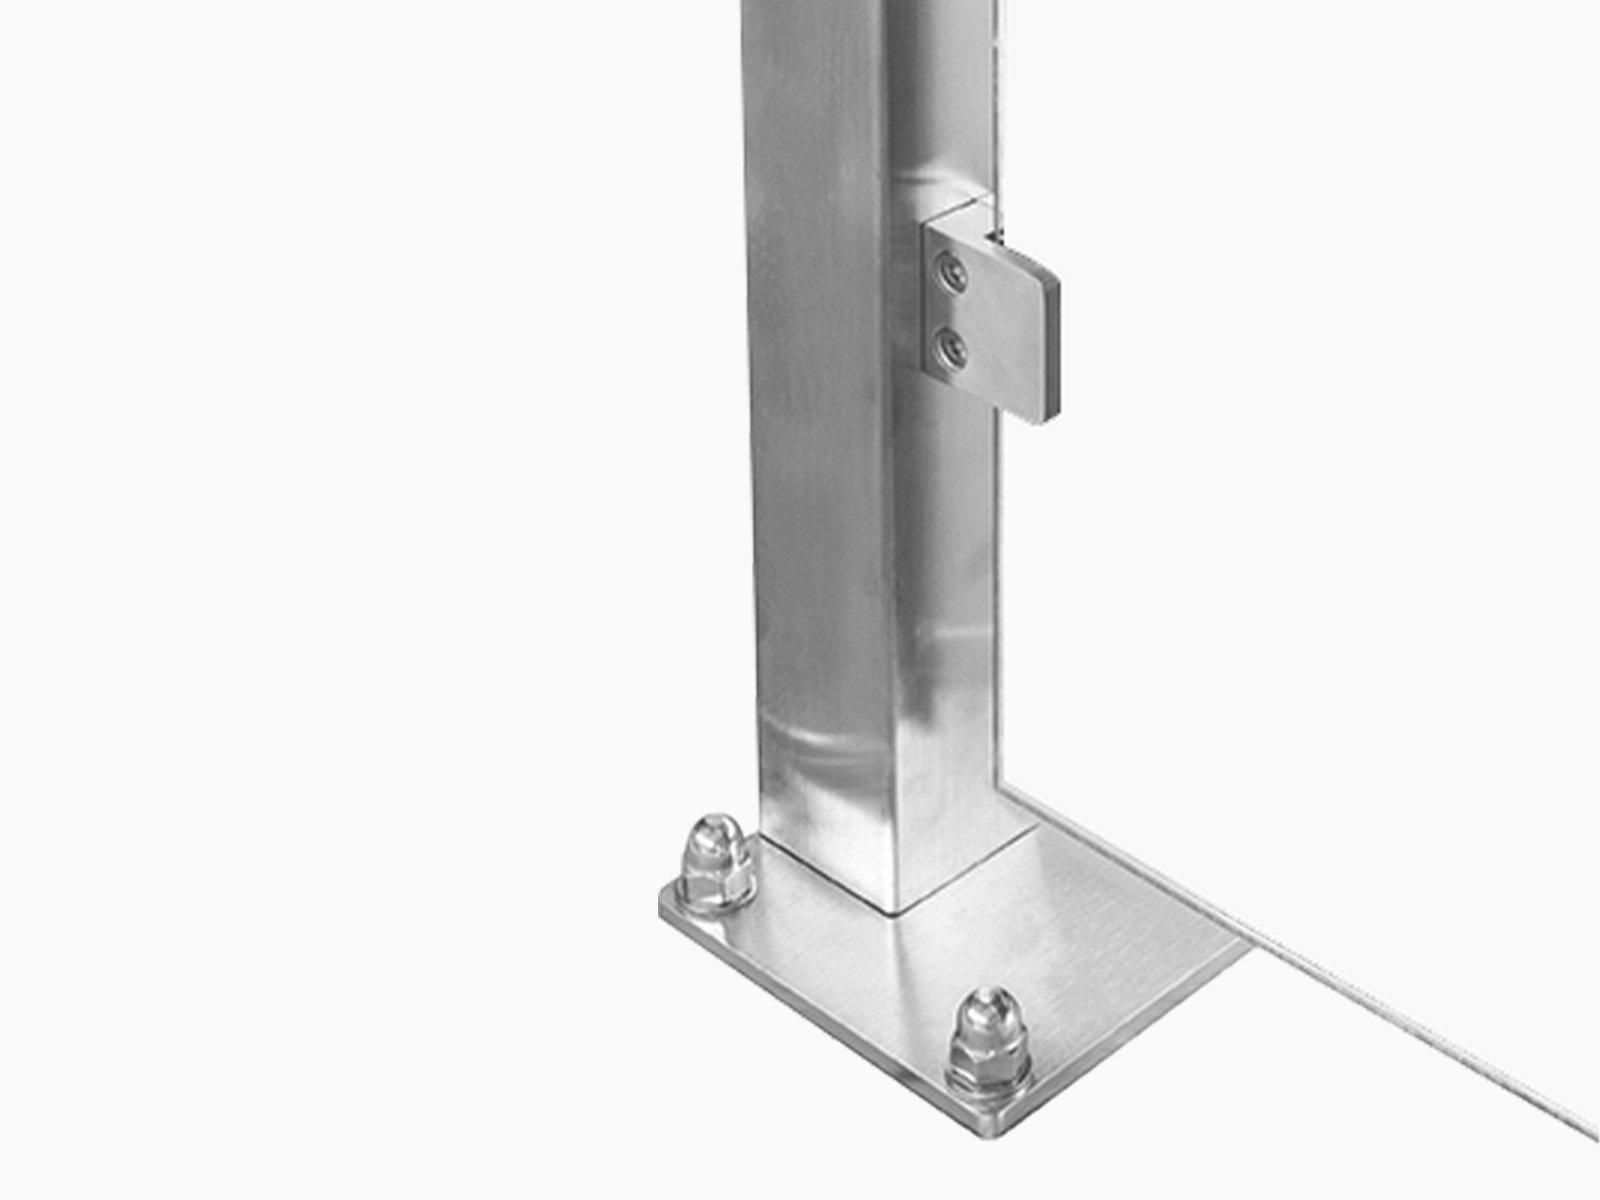 Montageart Wind- und Sichtschutz Feng verschraubt oder einbetoniert